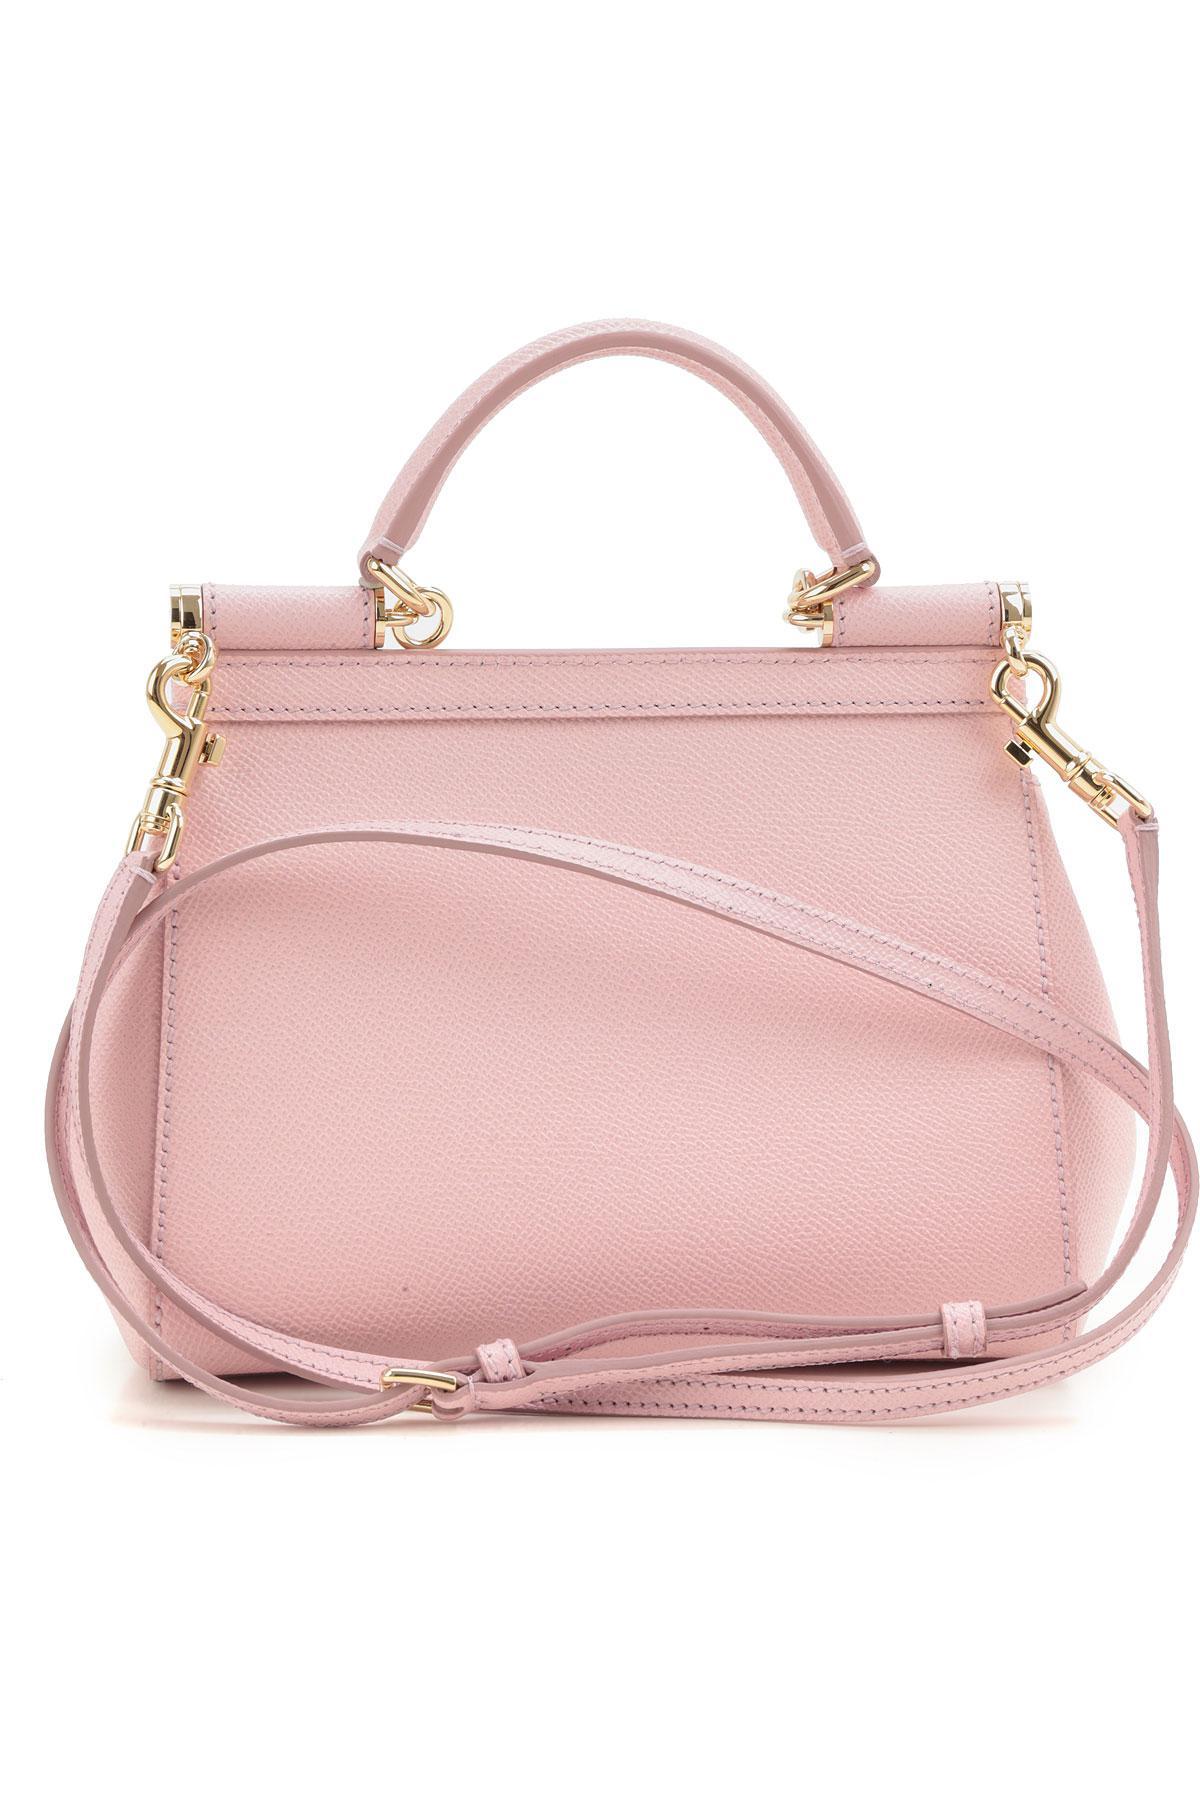 18400525d9 Dolce   Gabbana - Pink Shoulder Bag For Women - Lyst. View fullscreen